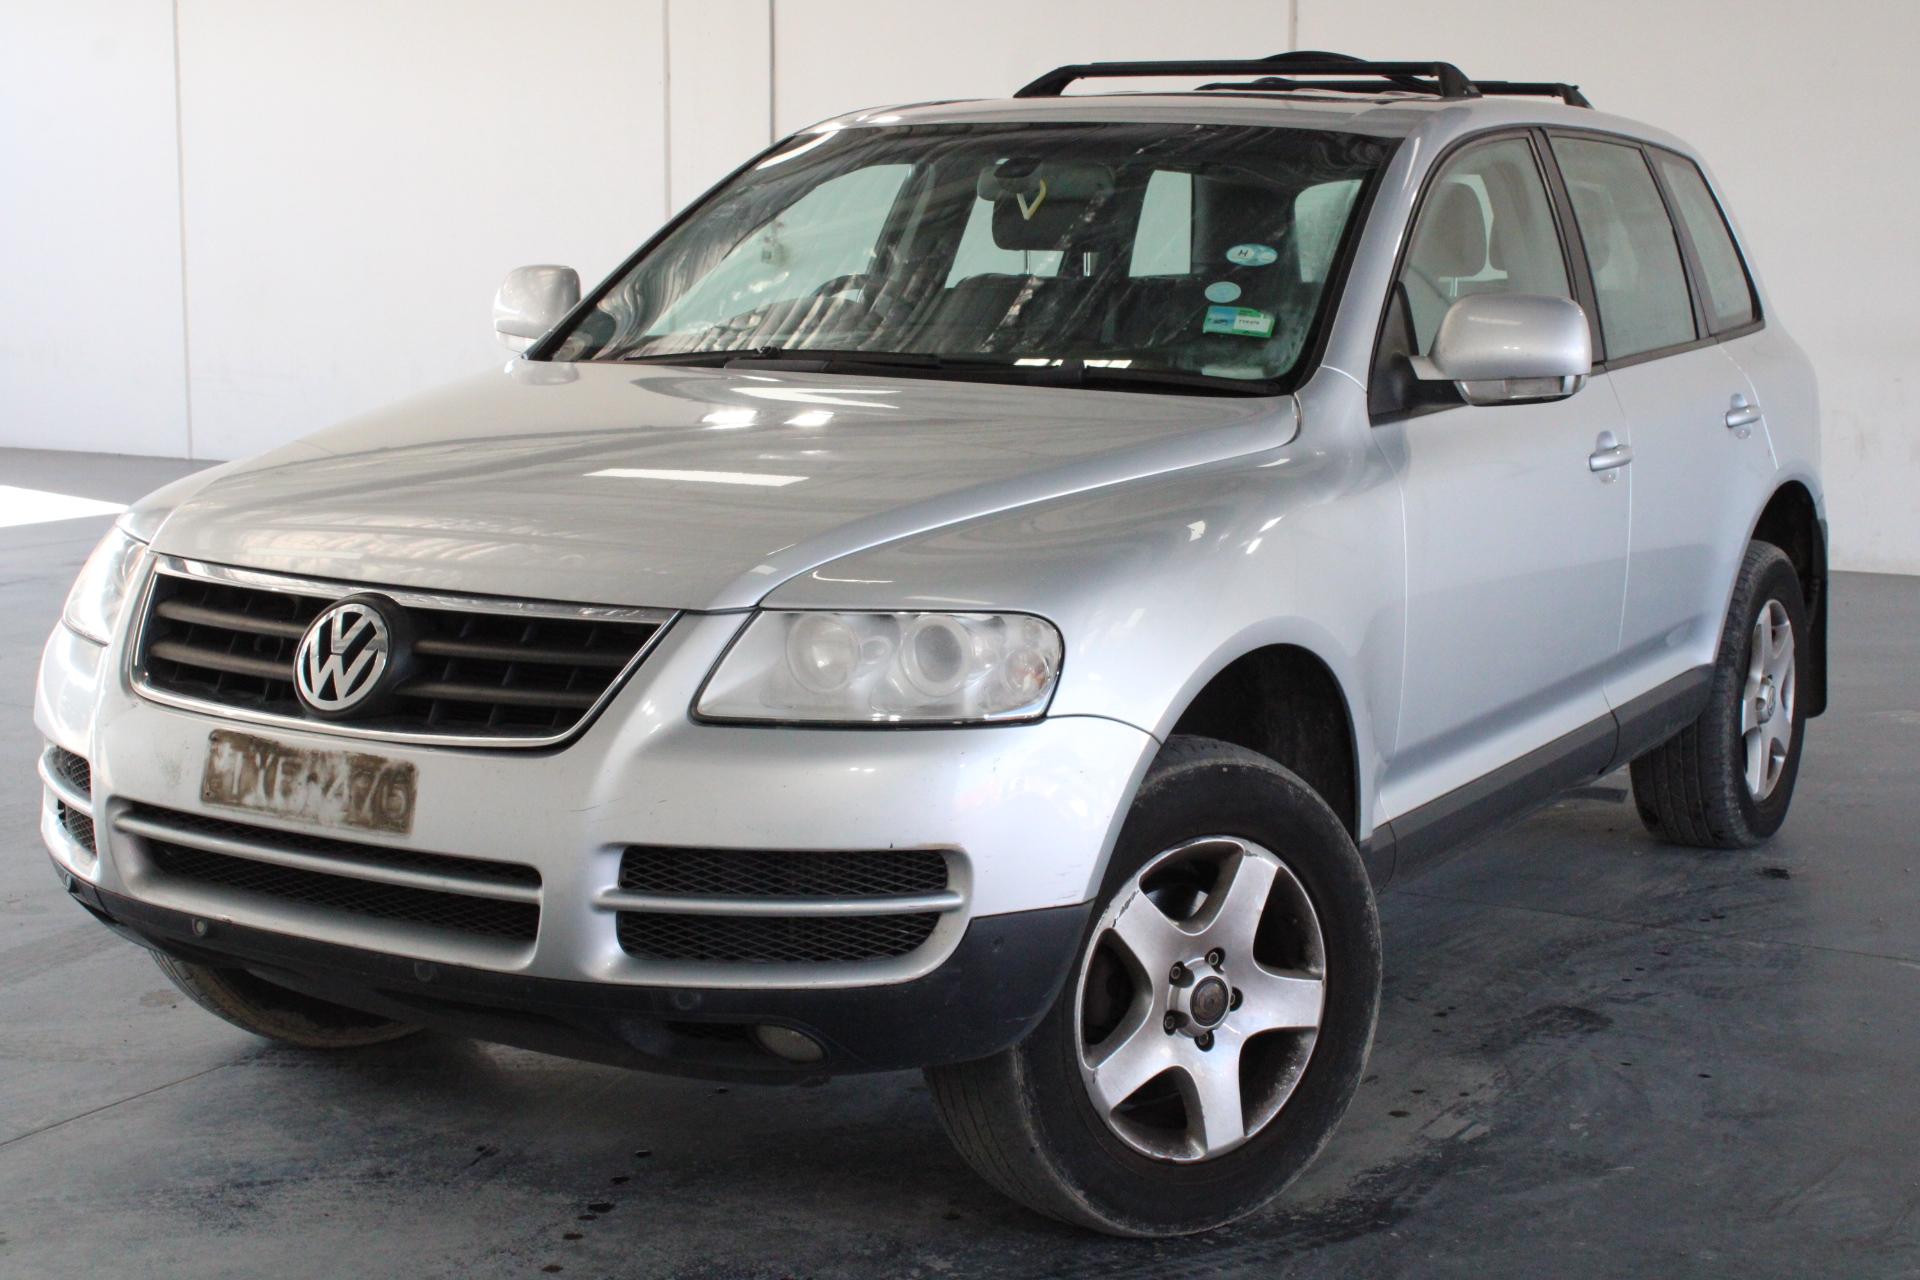 2005 Volkswagen Touareg R5 TDI 7L Turbo Diesel Automatic Wagon